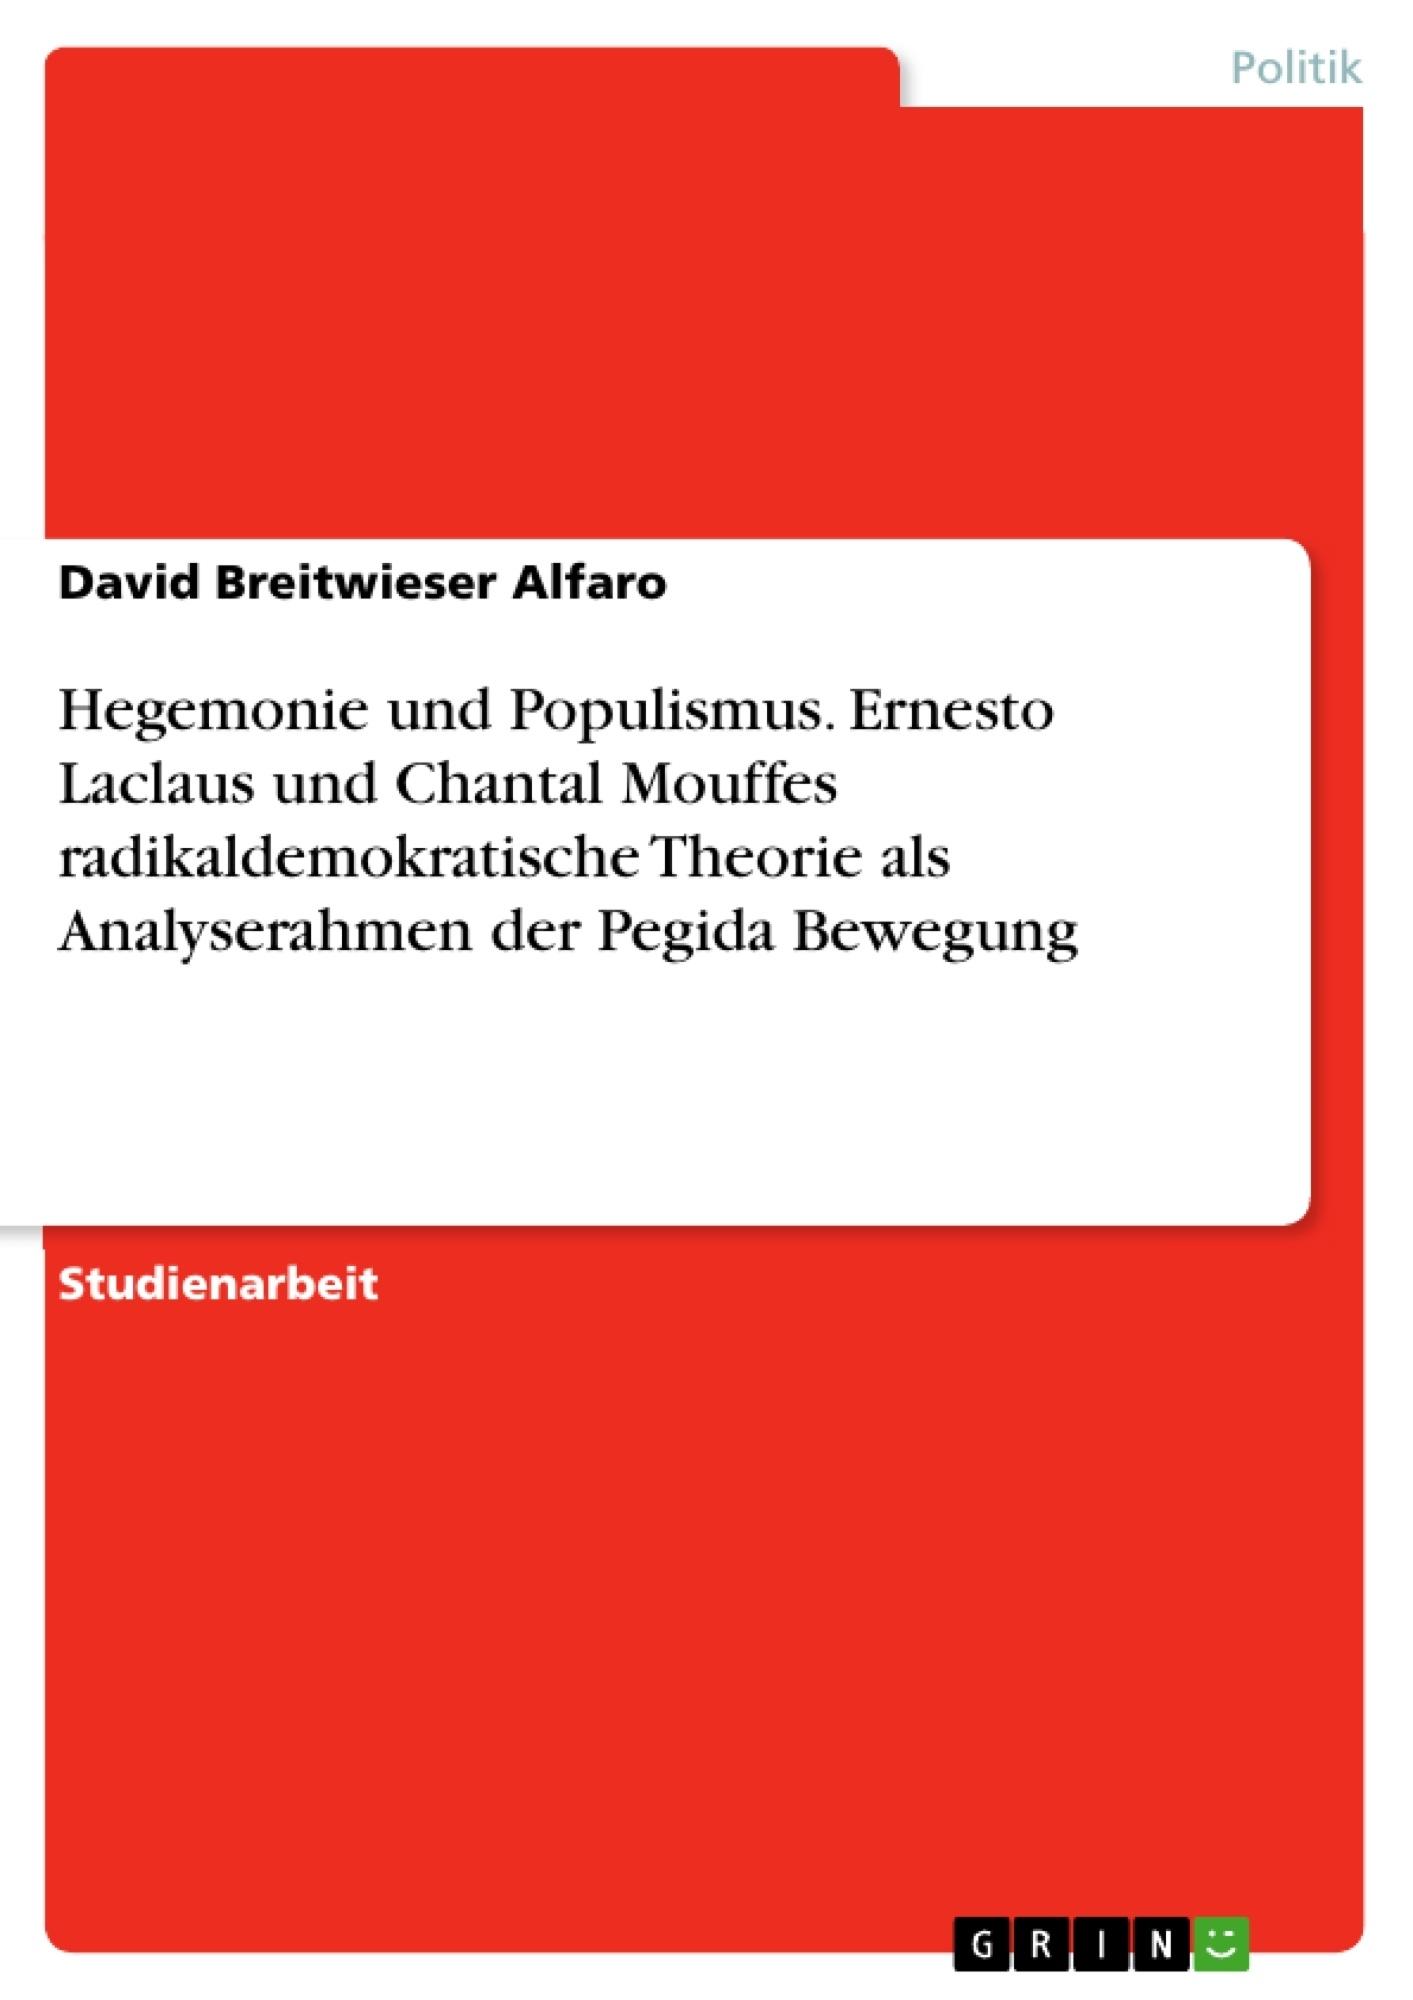 Titel: Hegemonie und Populismus. Ernesto Laclaus und Chantal Mouffes radikaldemokratische Theorie als Analyserahmen der Pegida Bewegung